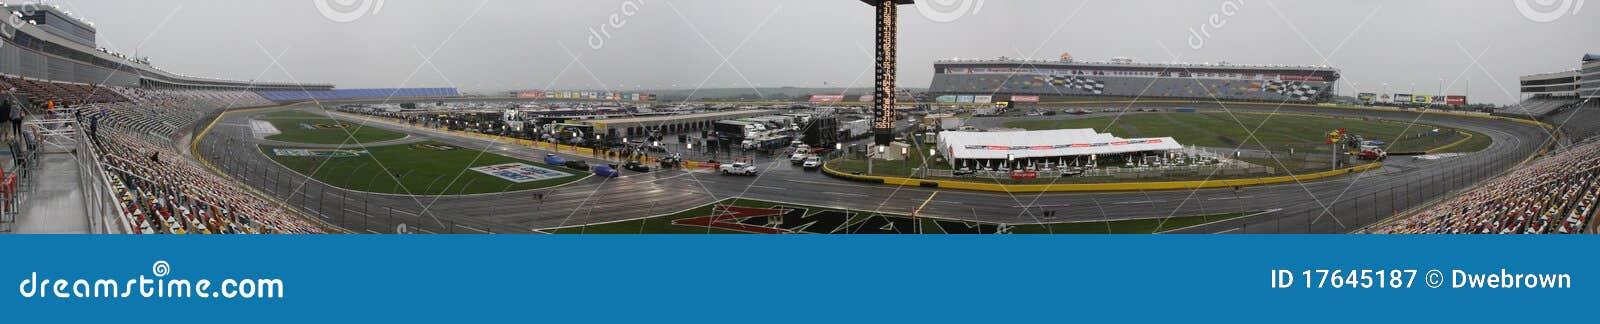 Charlotte Motor Speedway NASCAR Turn One Panarama